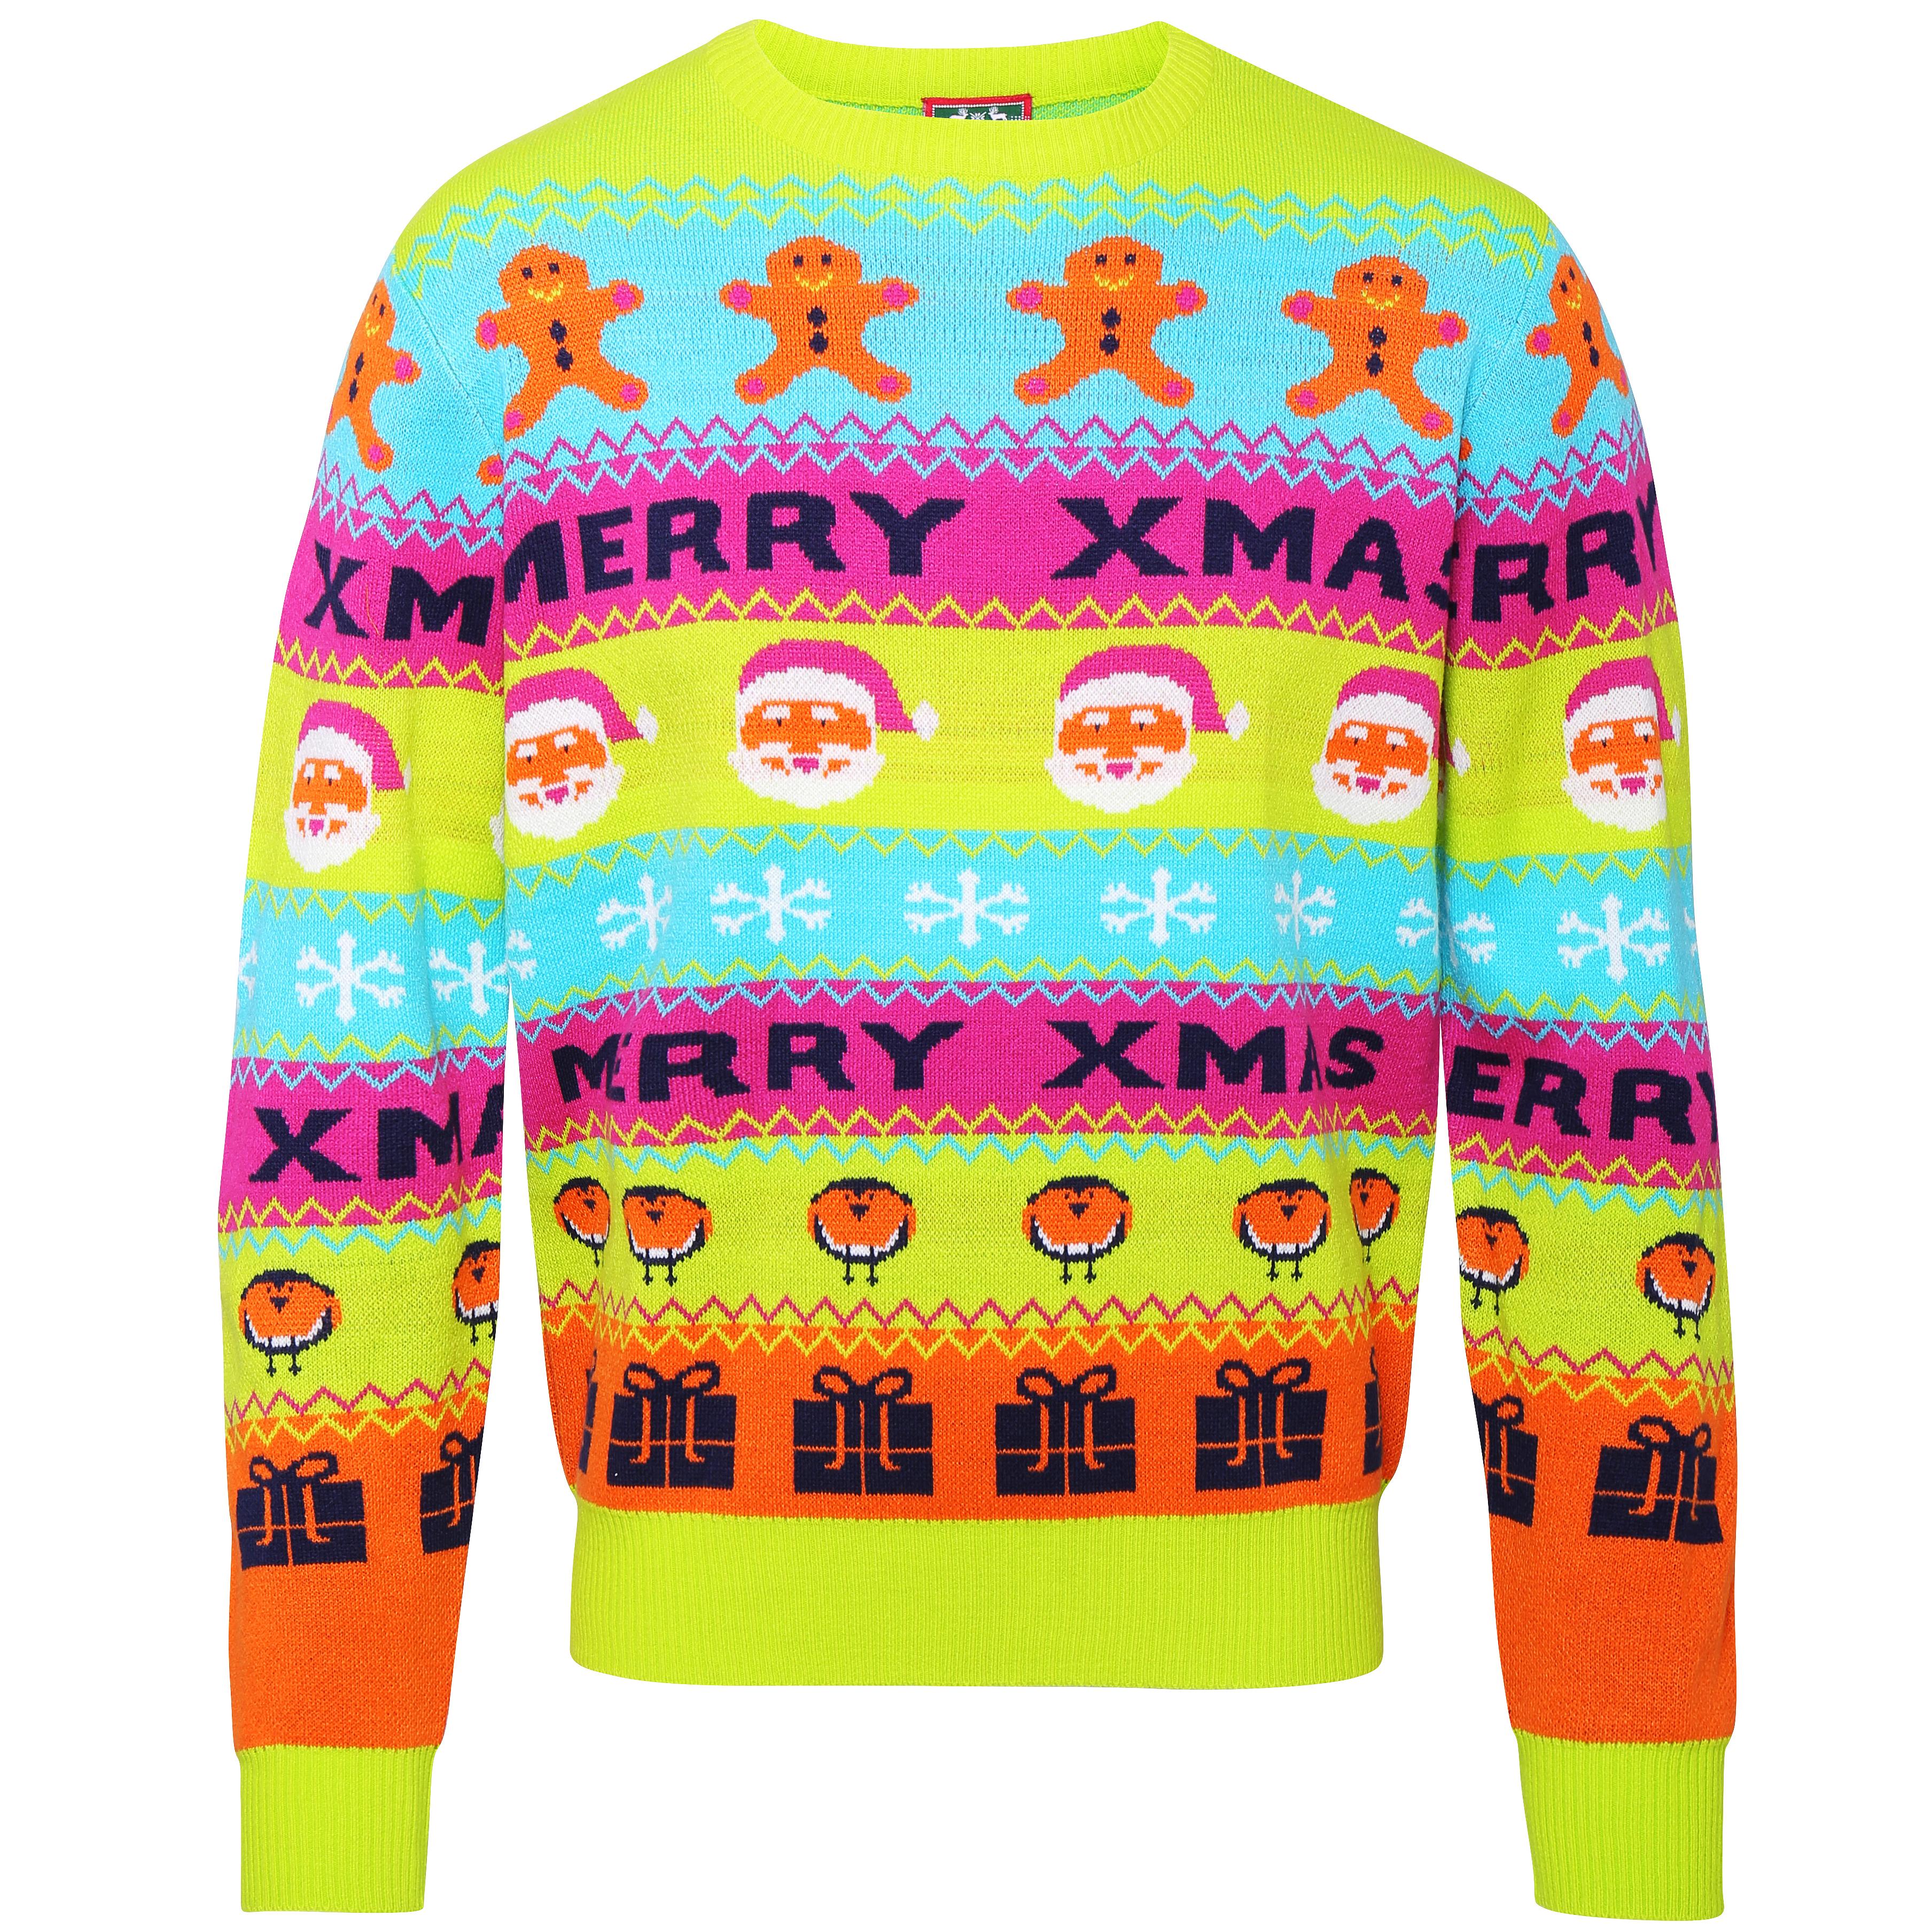 Foute Kersttrui C En A.Foute Kersttrui Met Neon Kerstprint Kersttruiwinkel Nl